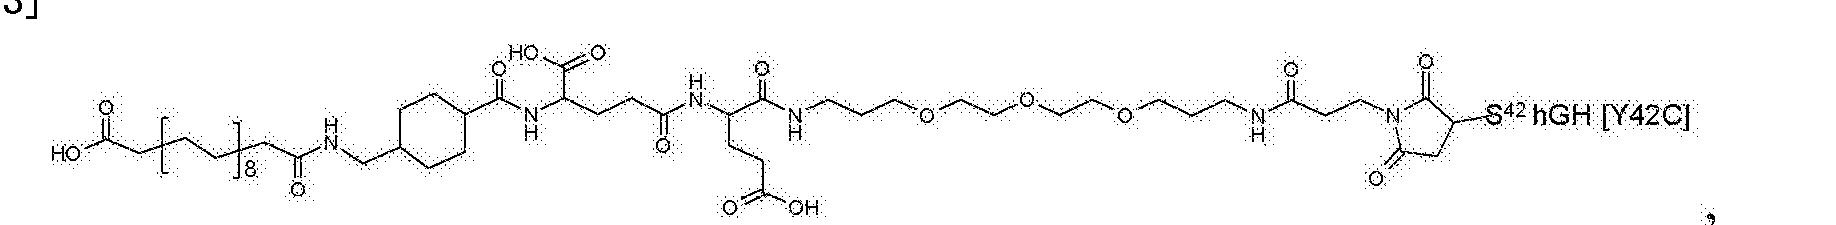 Figure CN103002918BD01325